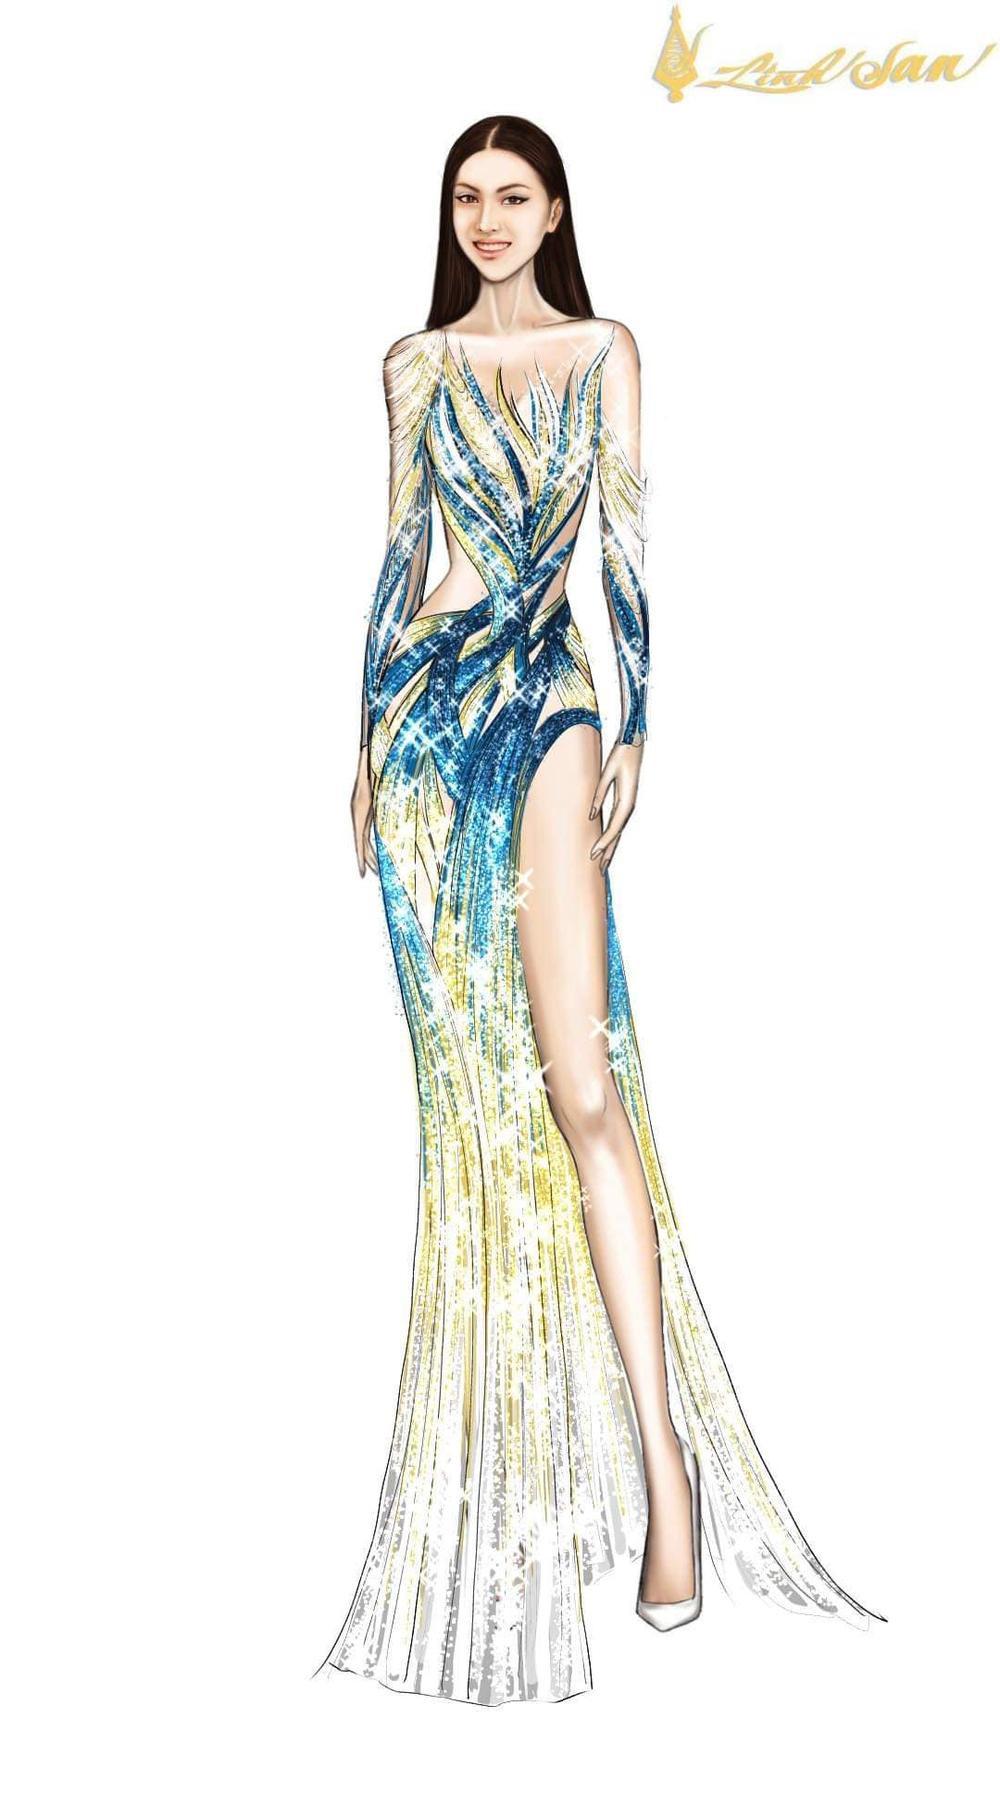 7 bộ váy dạ hội đẹp tinh xảo mà Ngọc Thảo không có cơ hội trình diễn tại Miss Grand International Ảnh 17